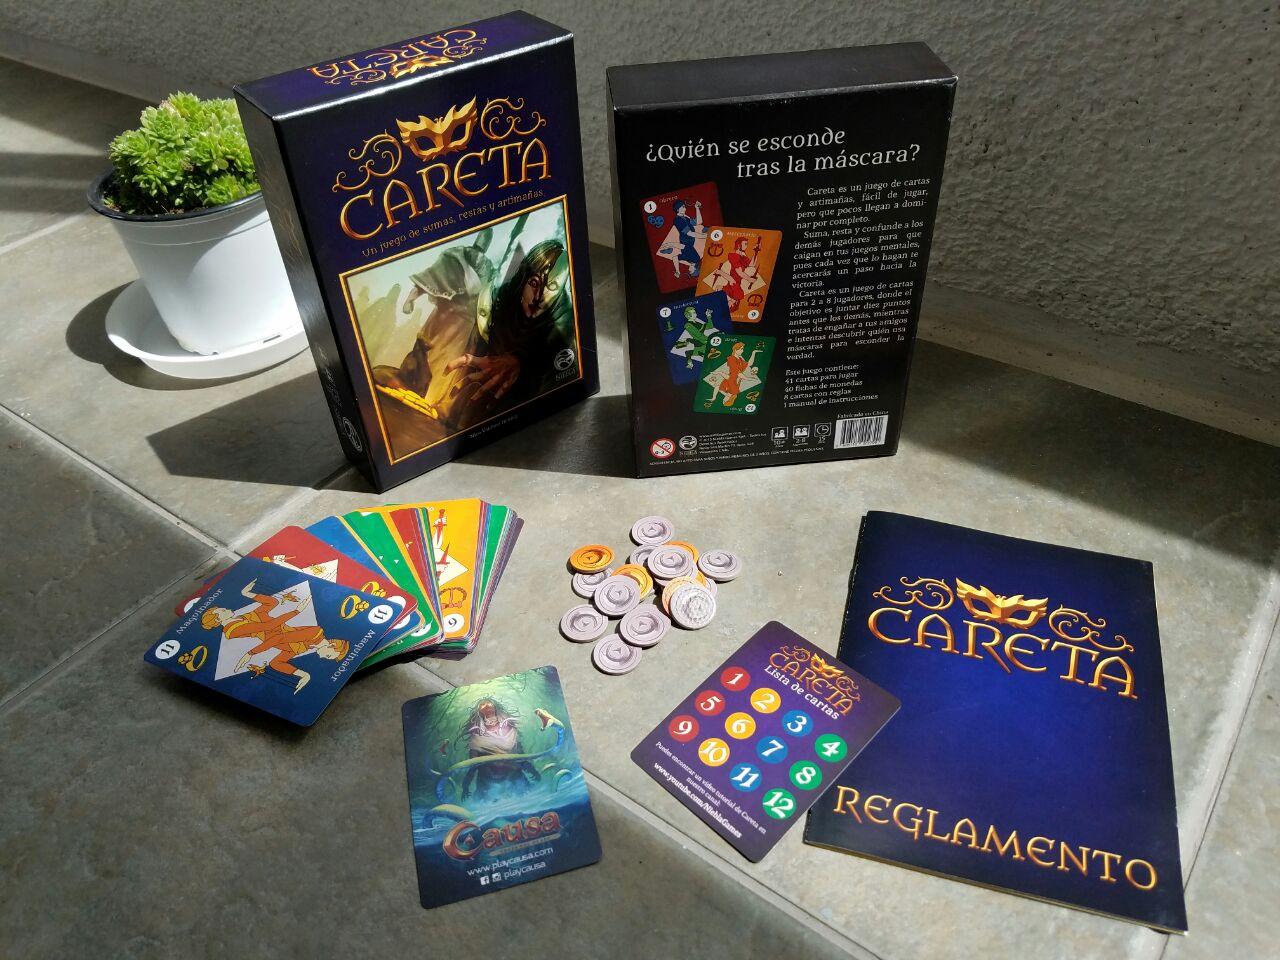 Careta, el primer juego de Niebla Games